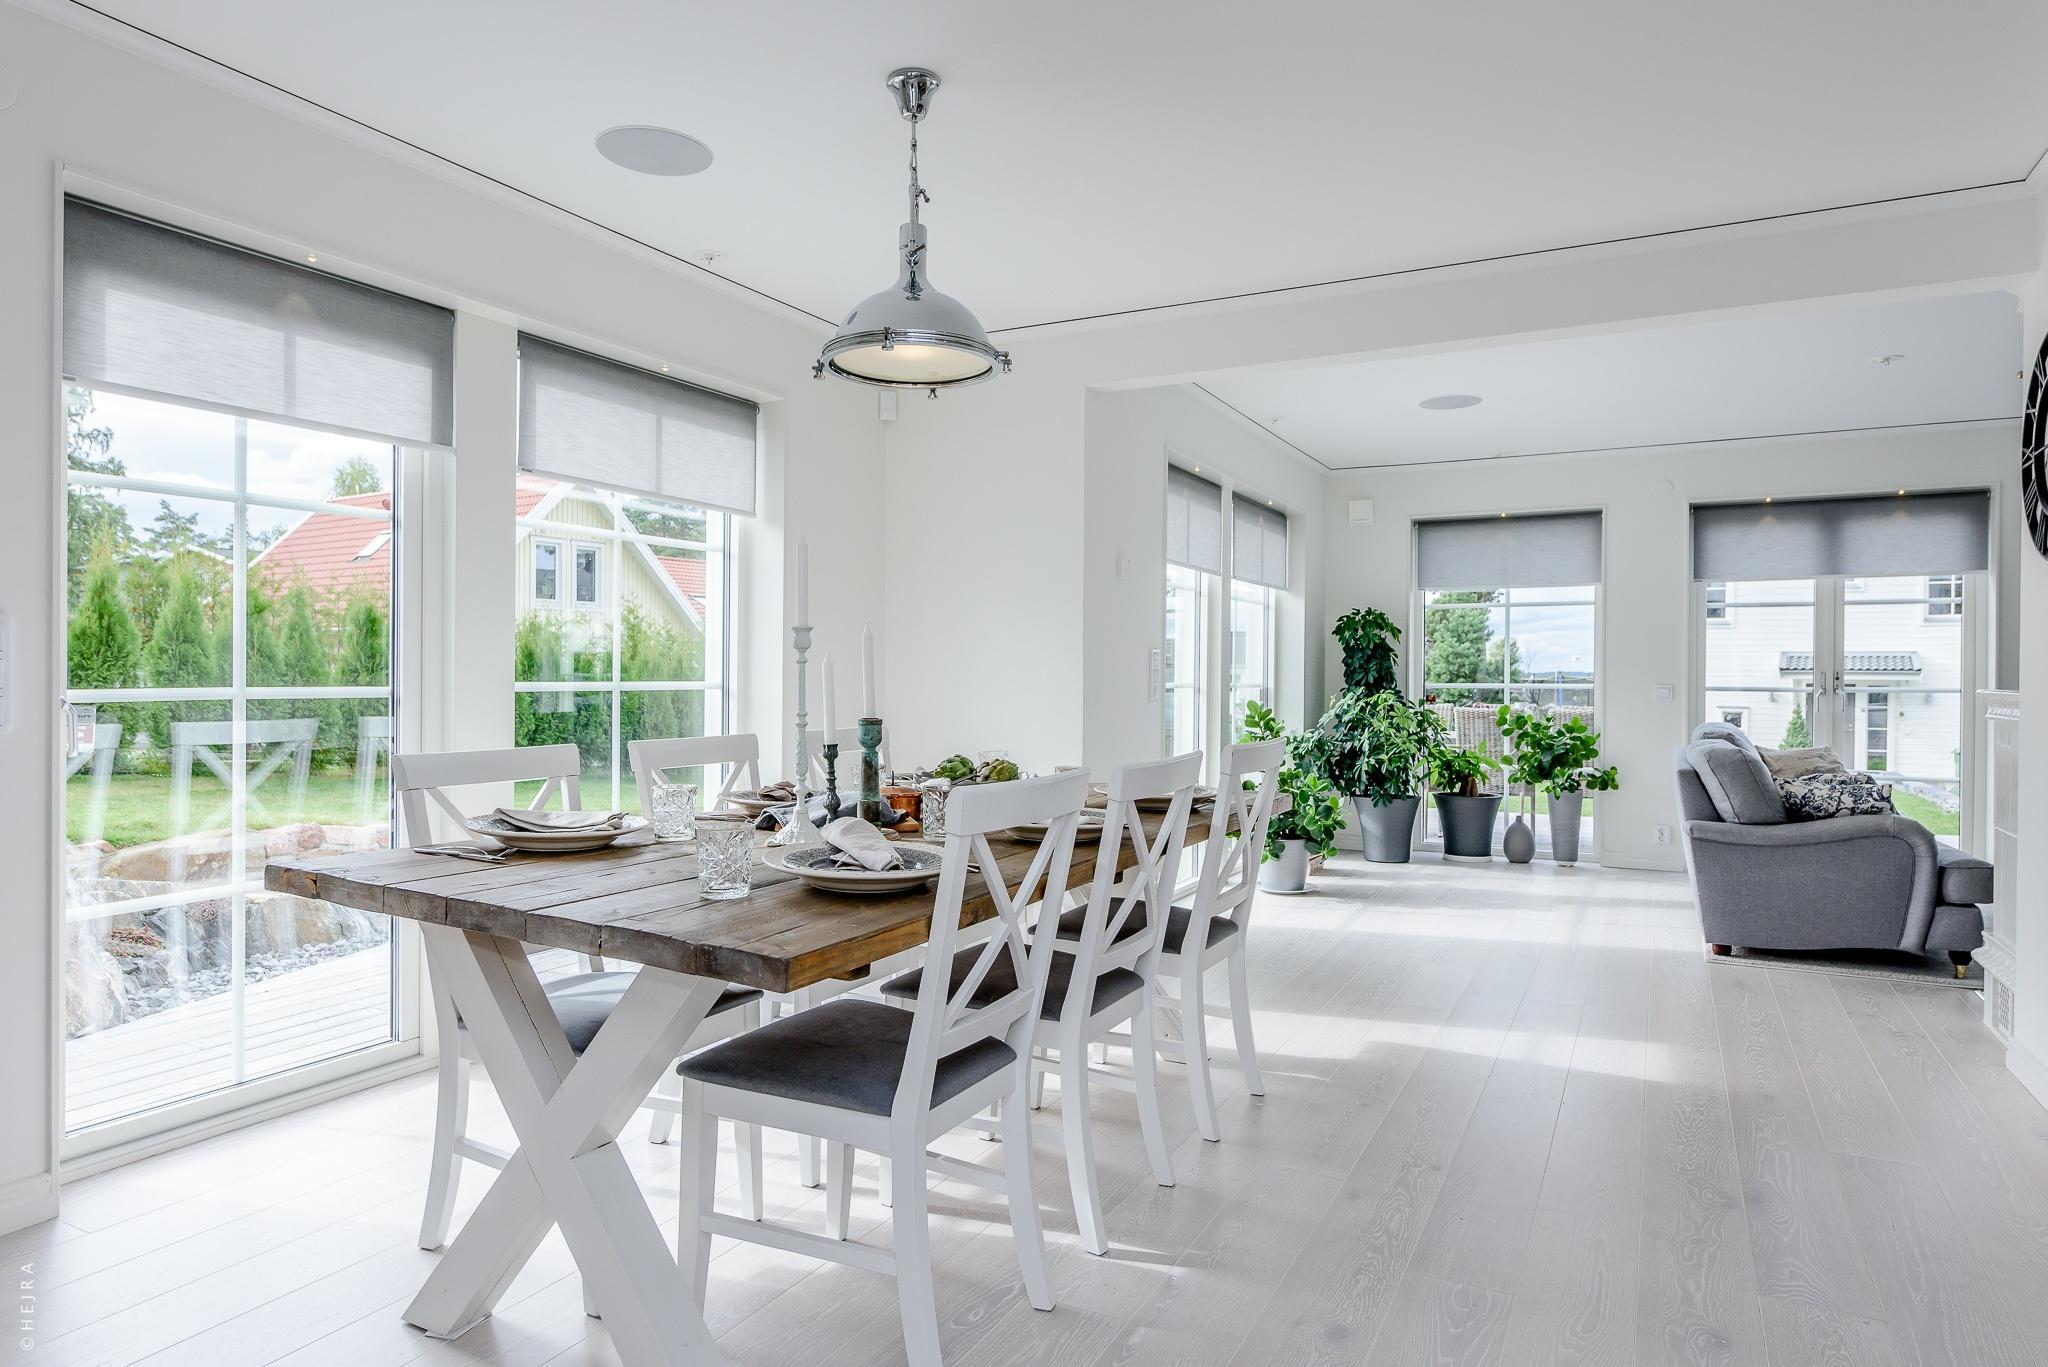 панорамное остекление обеденный деревянный стол белые стулья половая доска